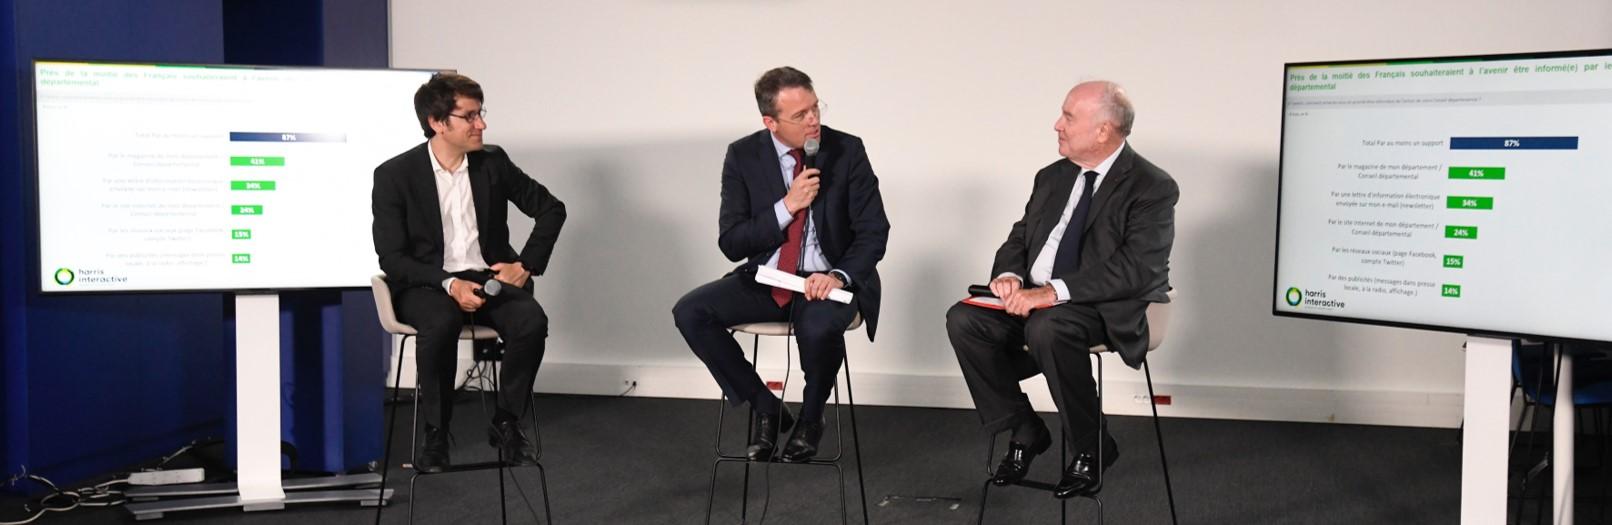 Enquête nationale Département de l'Essonne / Harris Interactive : « Quel rôle peut encore jouer l'institution départementale au XXIe siècle ? »